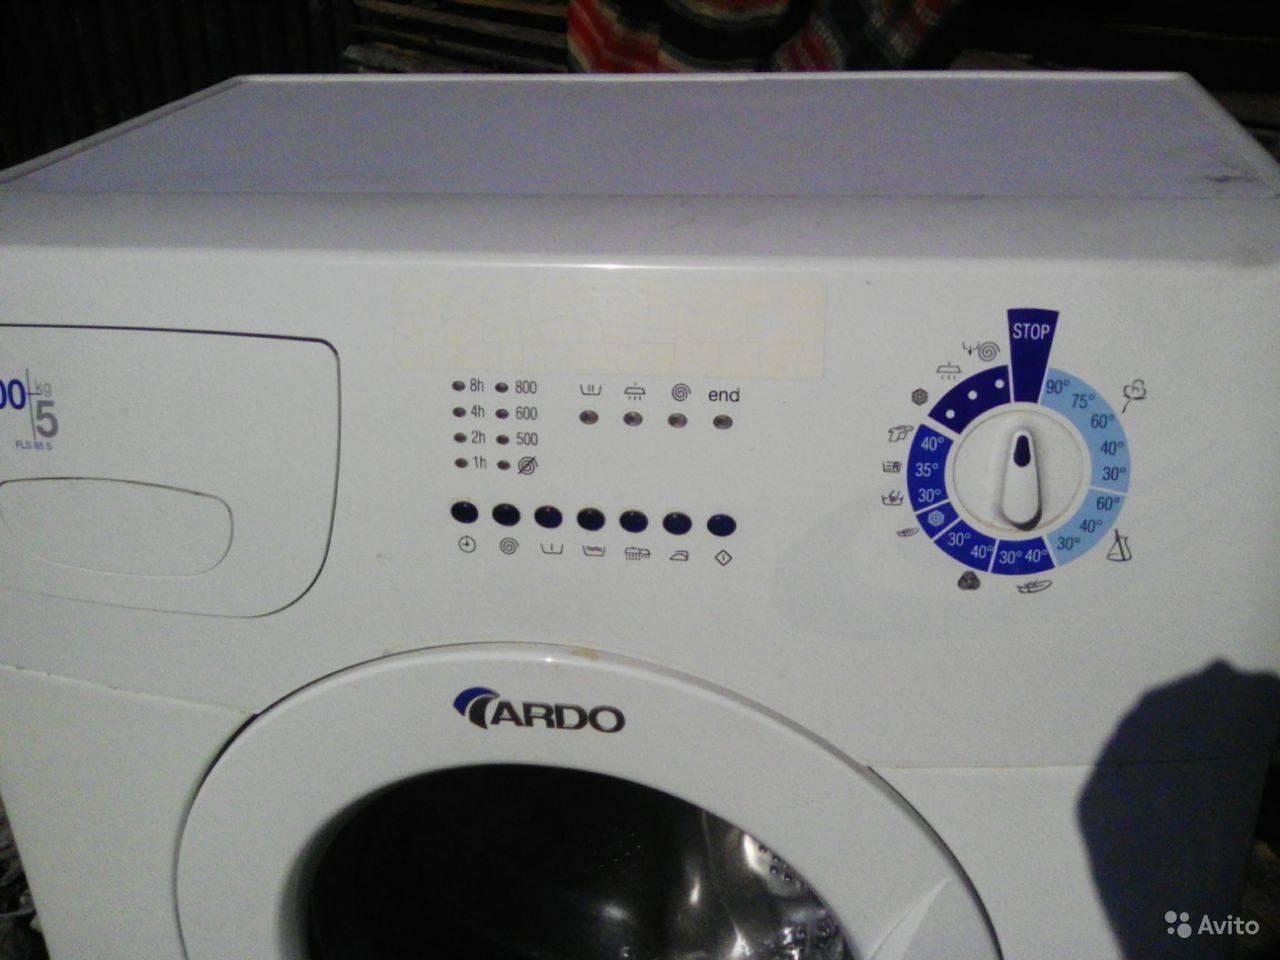 Режимы стирки в стиральной машине ardo